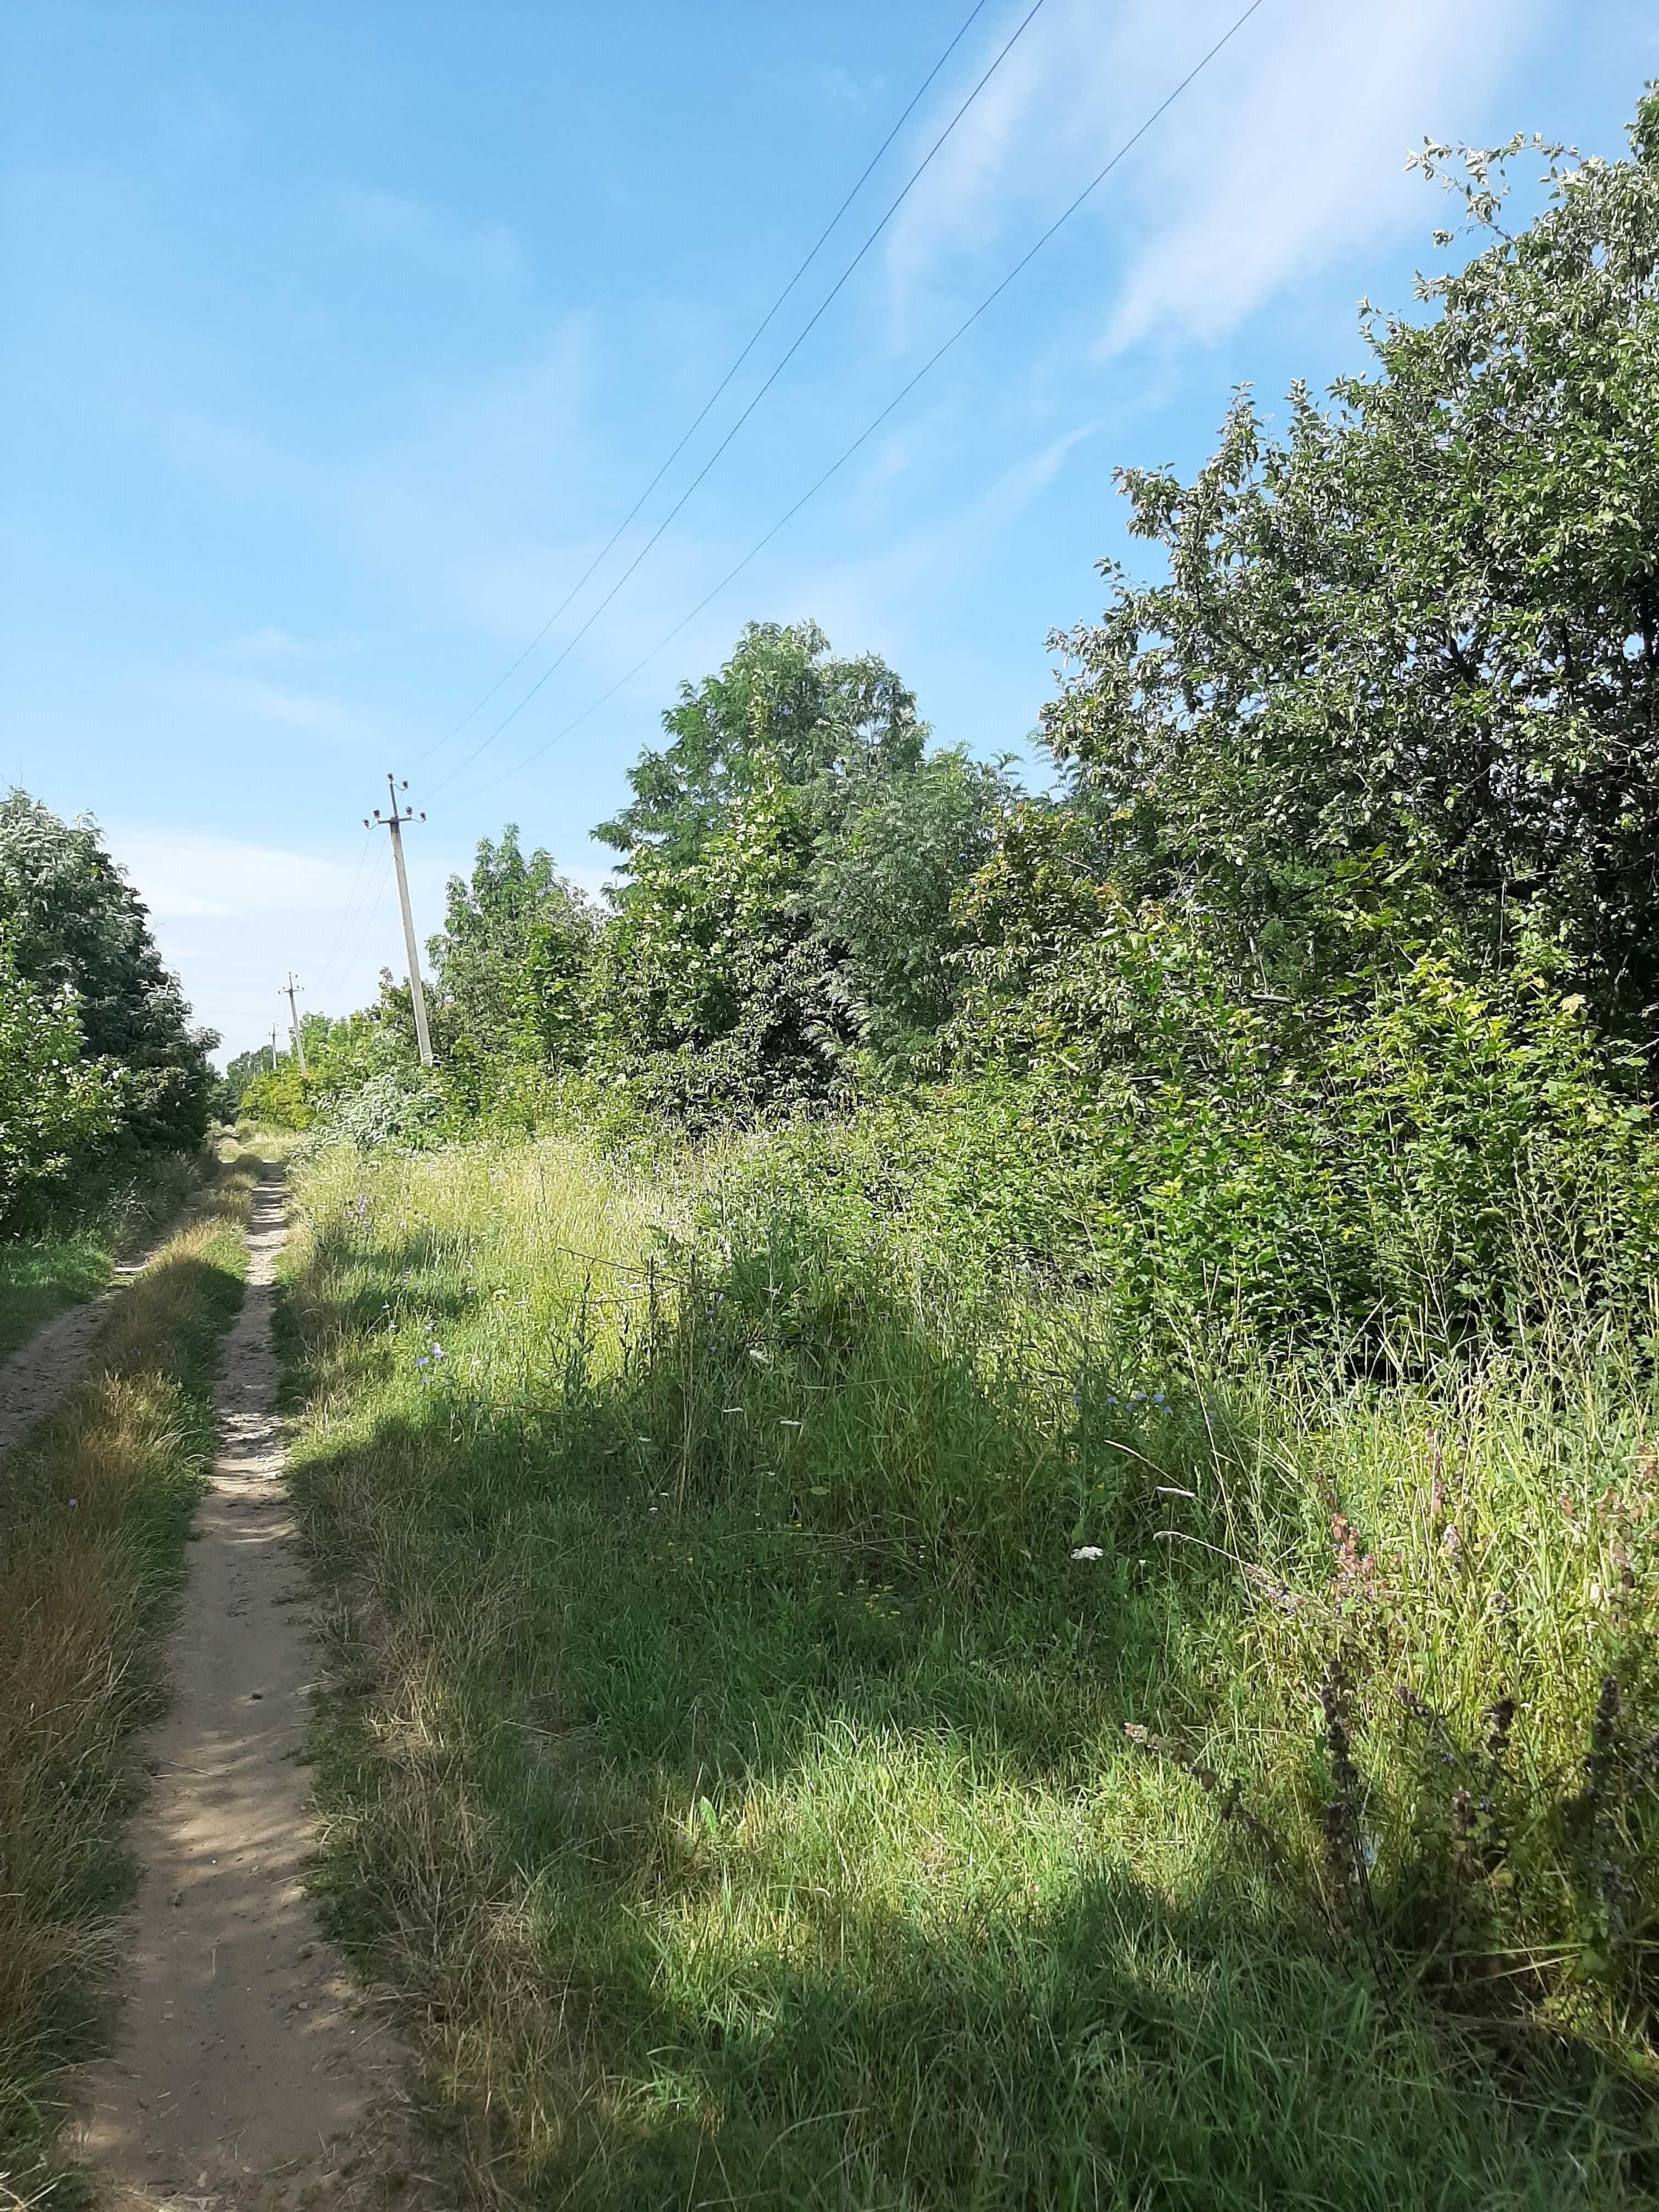 Продам земельный участок под застройку коттеджного поселка.